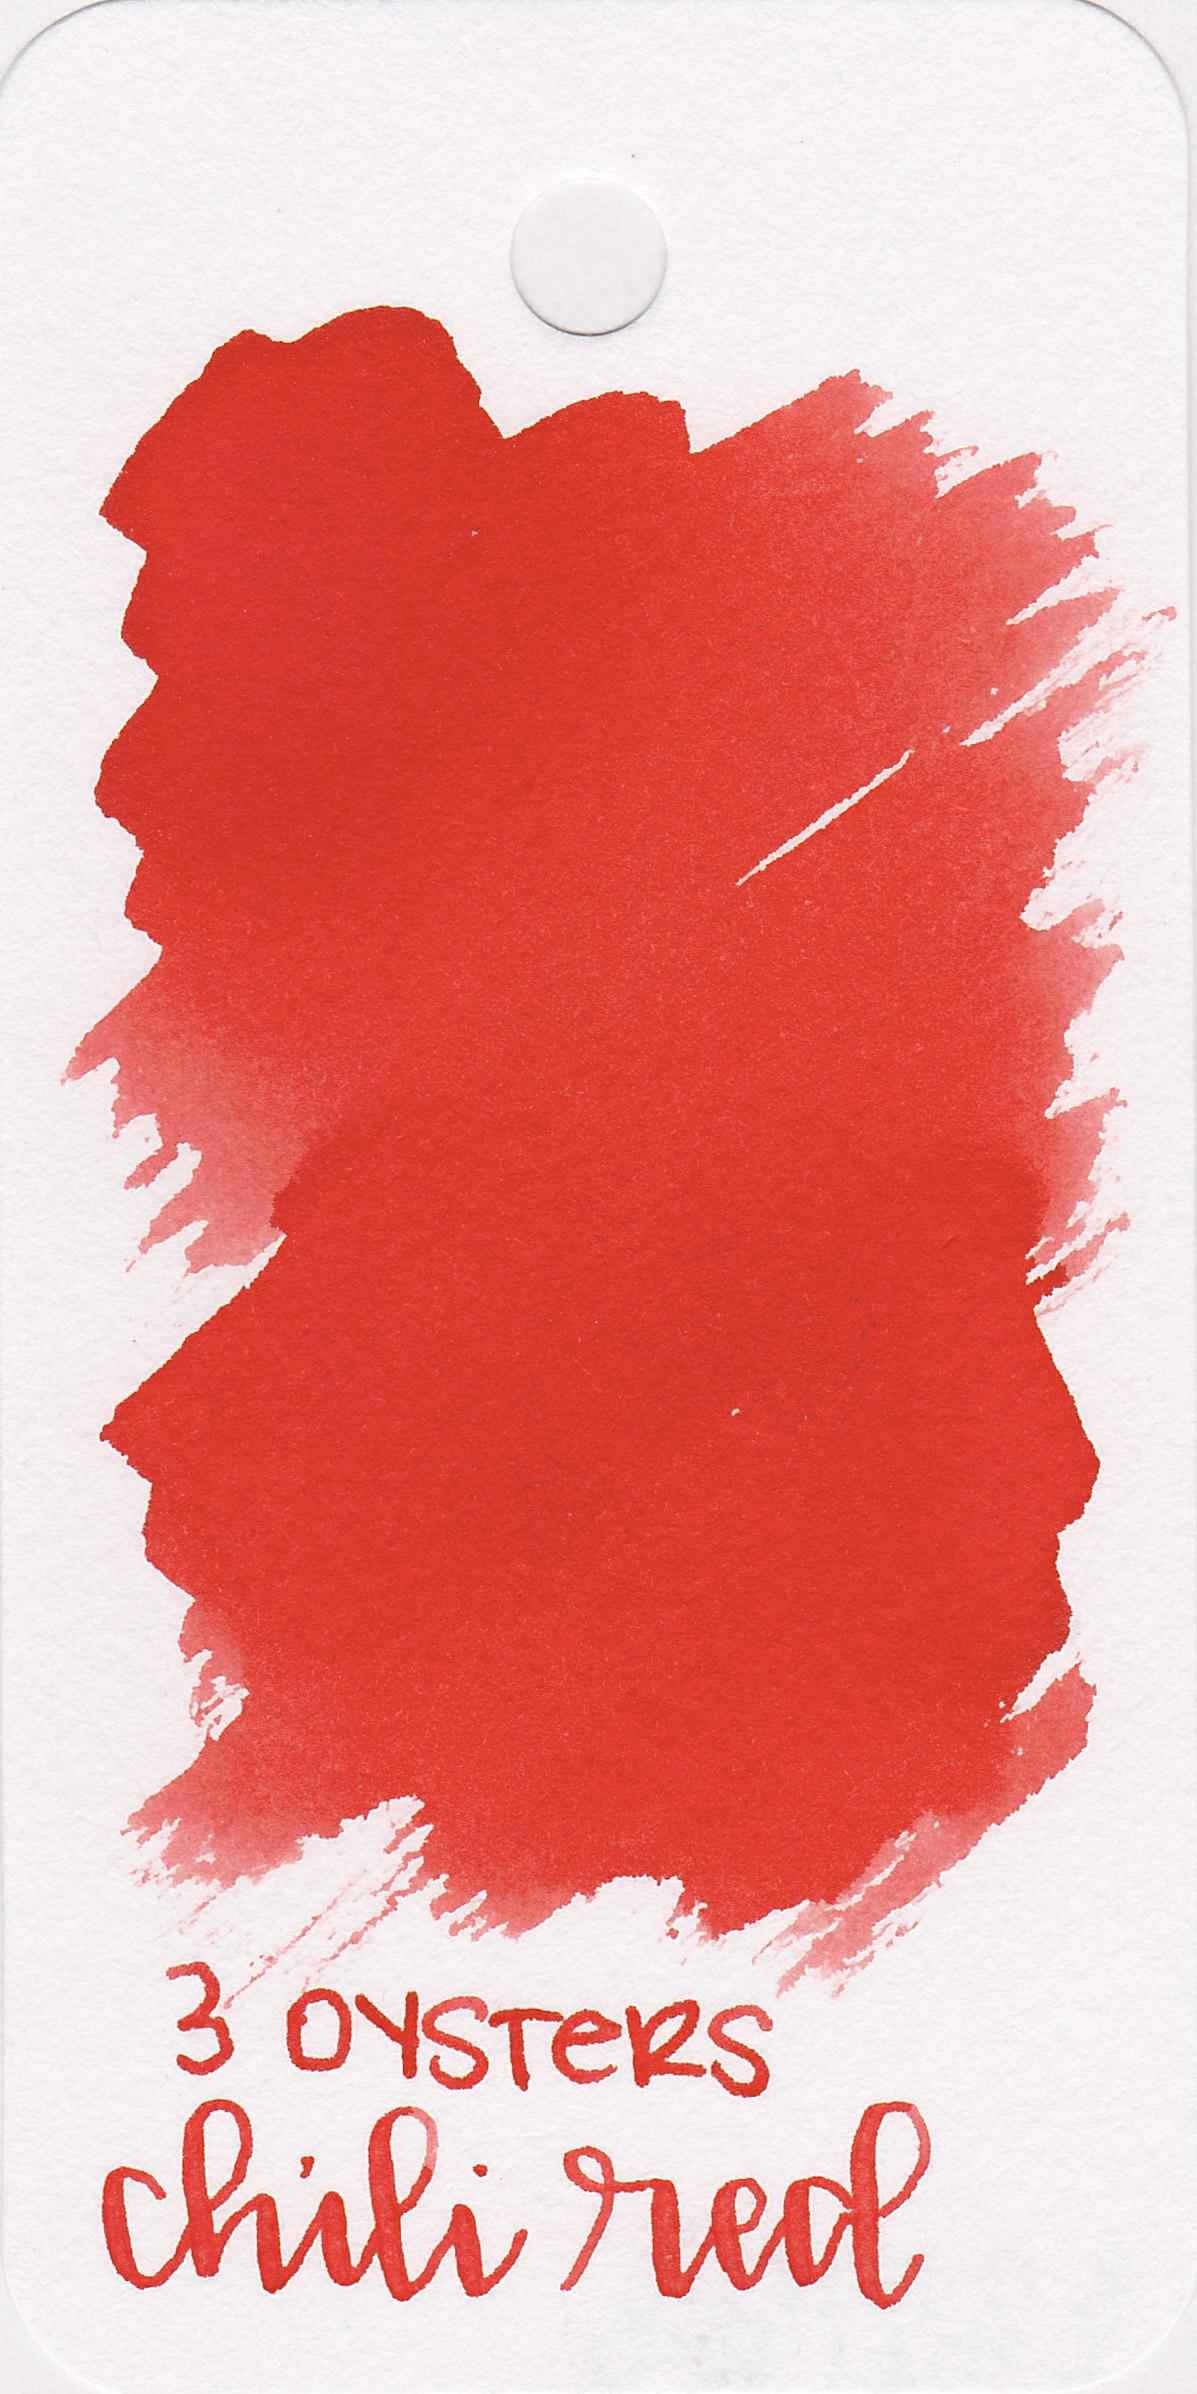 eo-chili-red-1.jpg